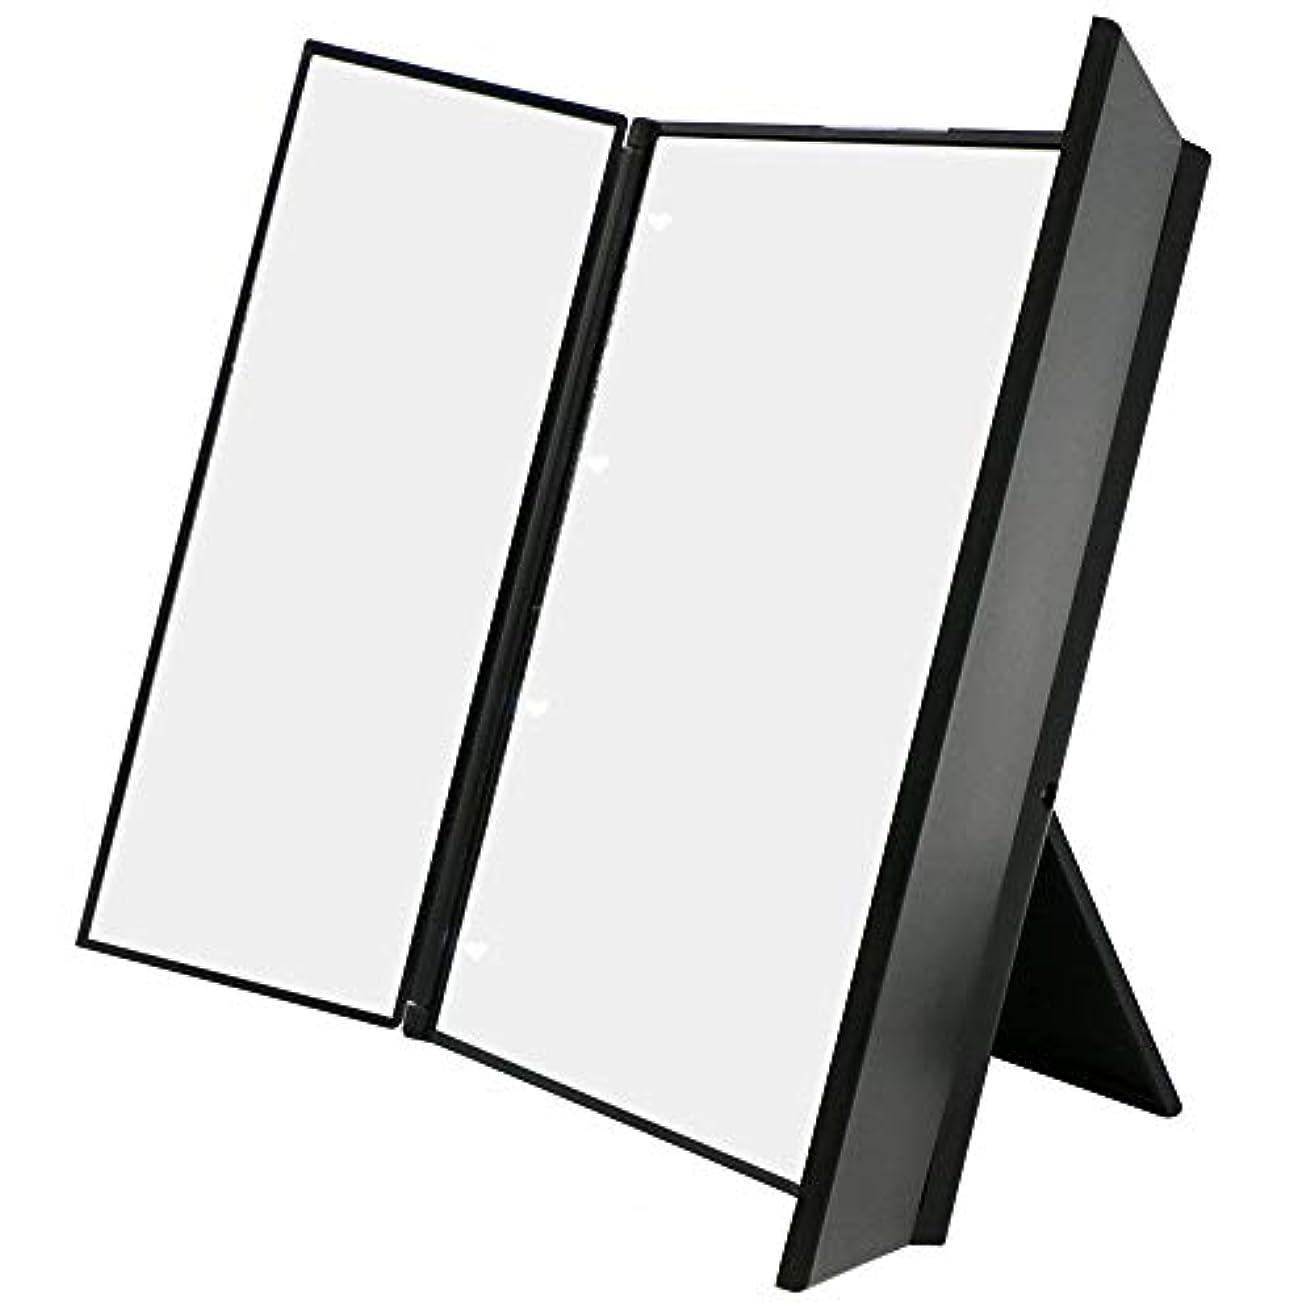 見捨てる区困惑化粧鏡 卓上ミラー三面鏡 スタンドミラー LED付き 折りたたみ式 角度調整可能